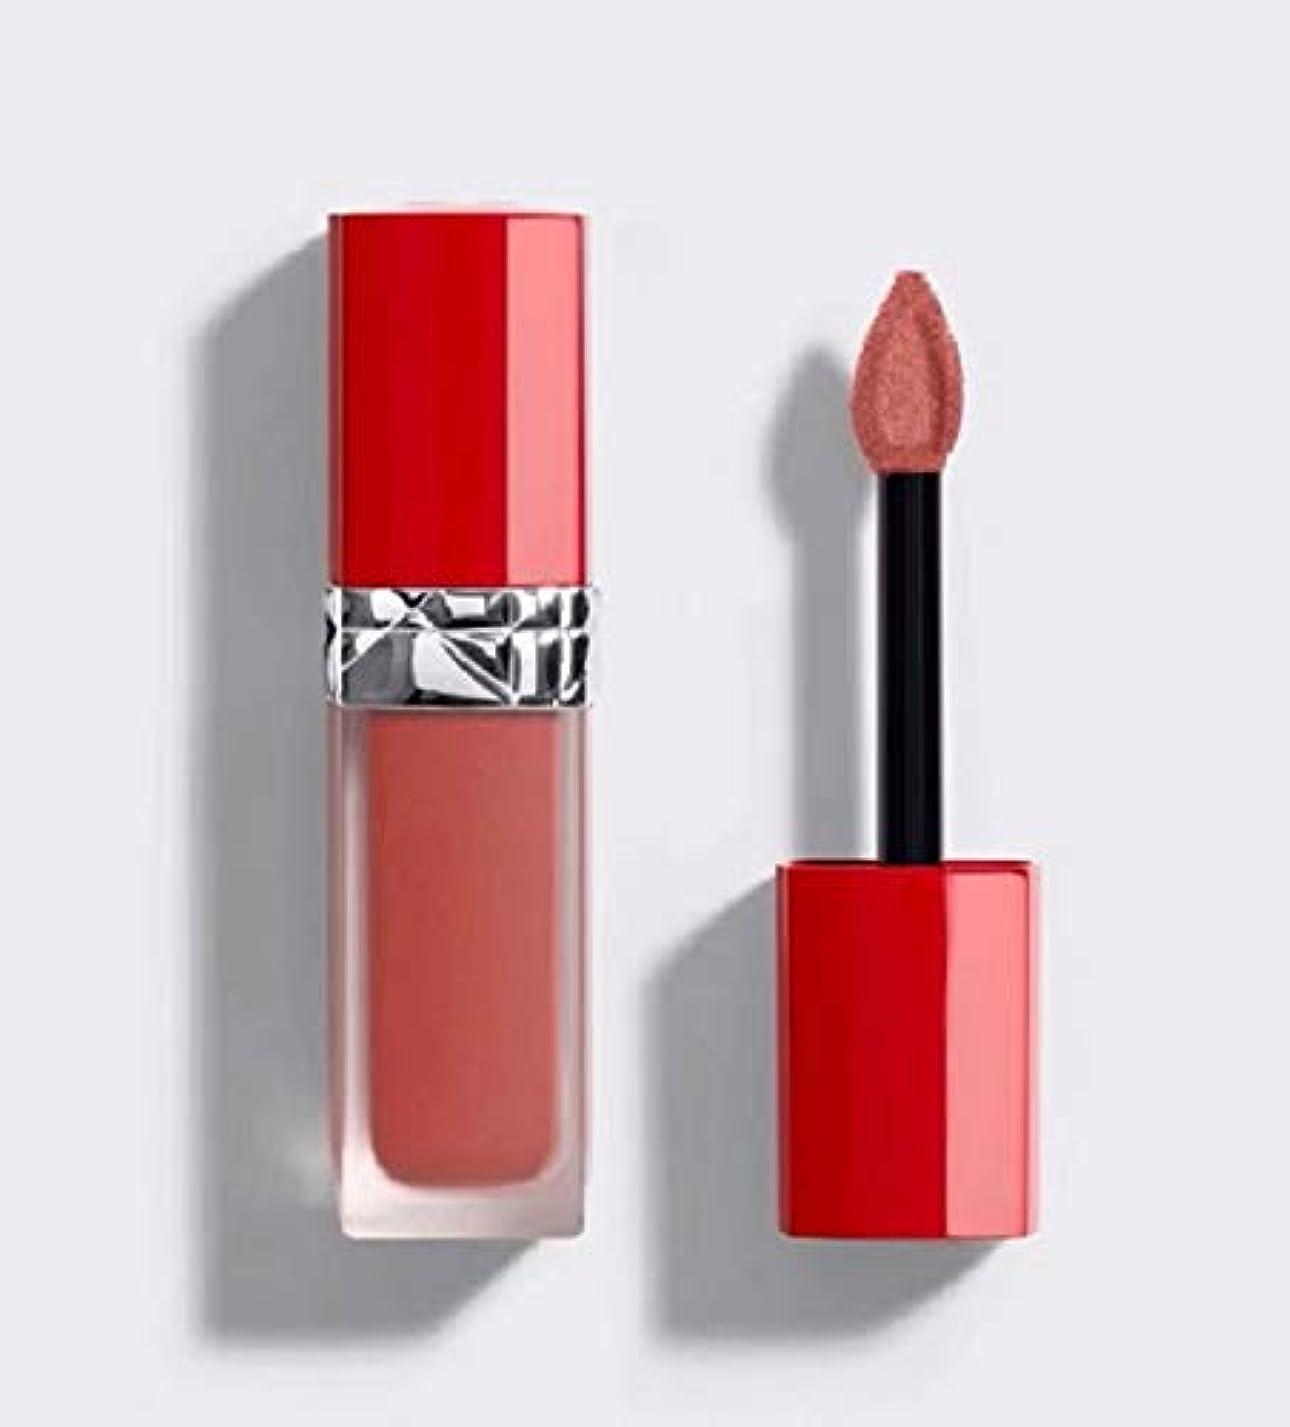 バンドルポットランチョンディオール ルージュ ディオール ウルトラ リキッド 選べる全15色展開 -Dior- 808